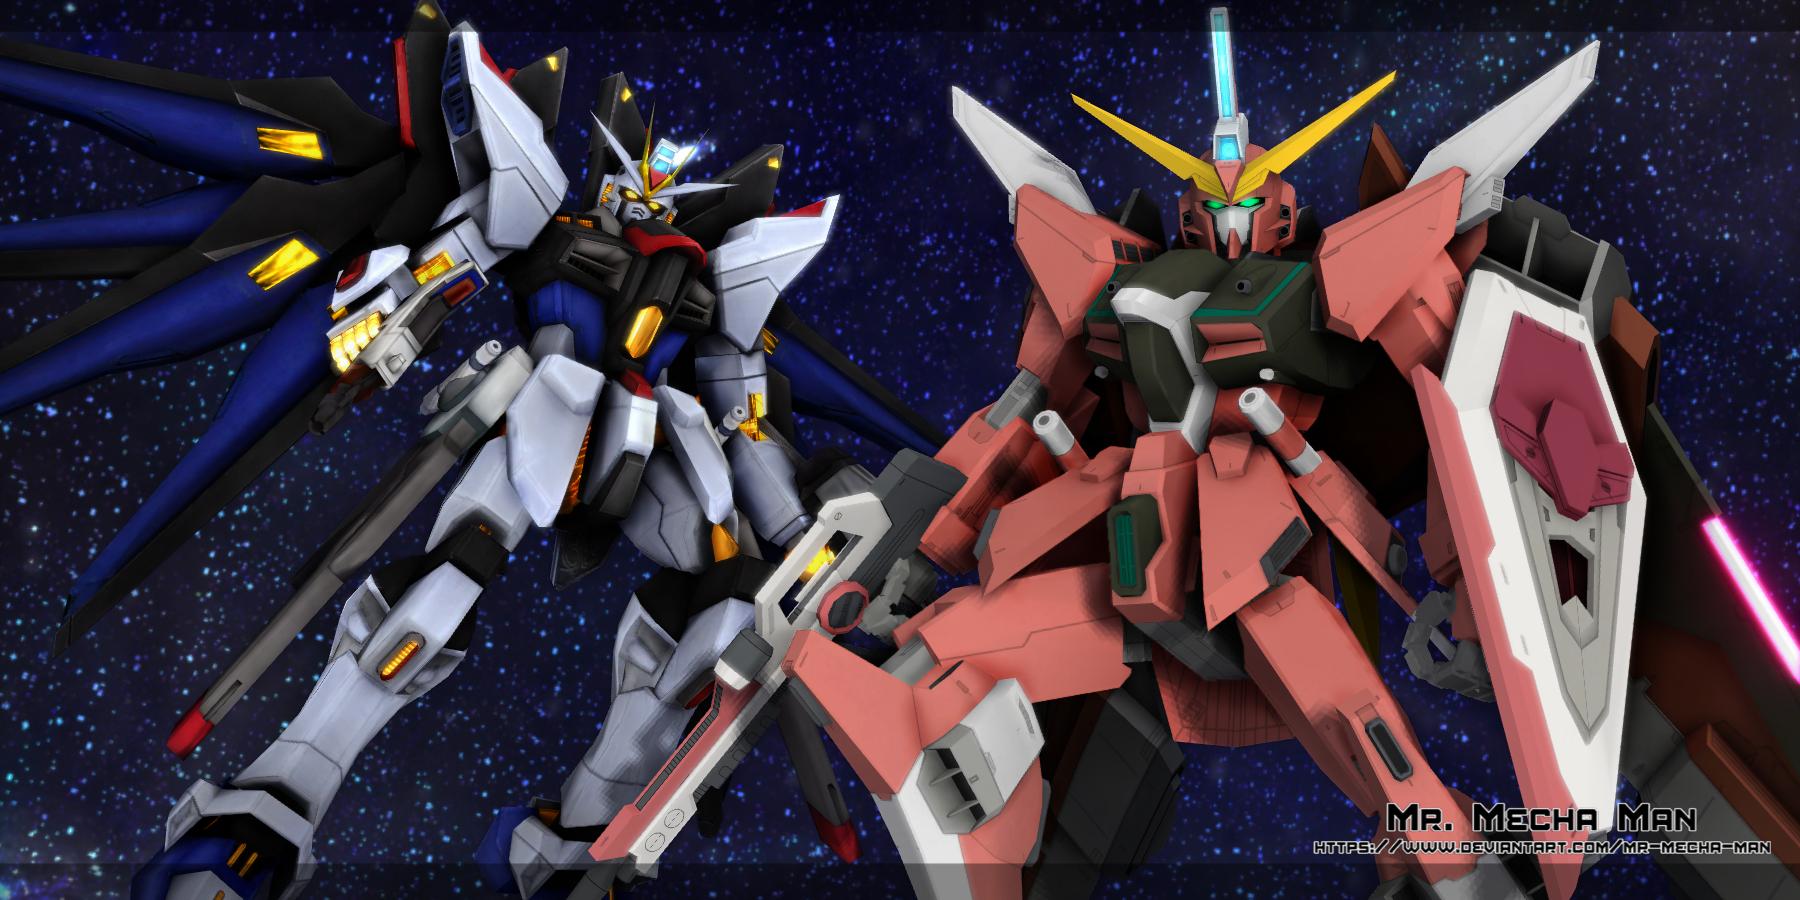 Strike Freedom Gundam and Infinite Justice Gundam